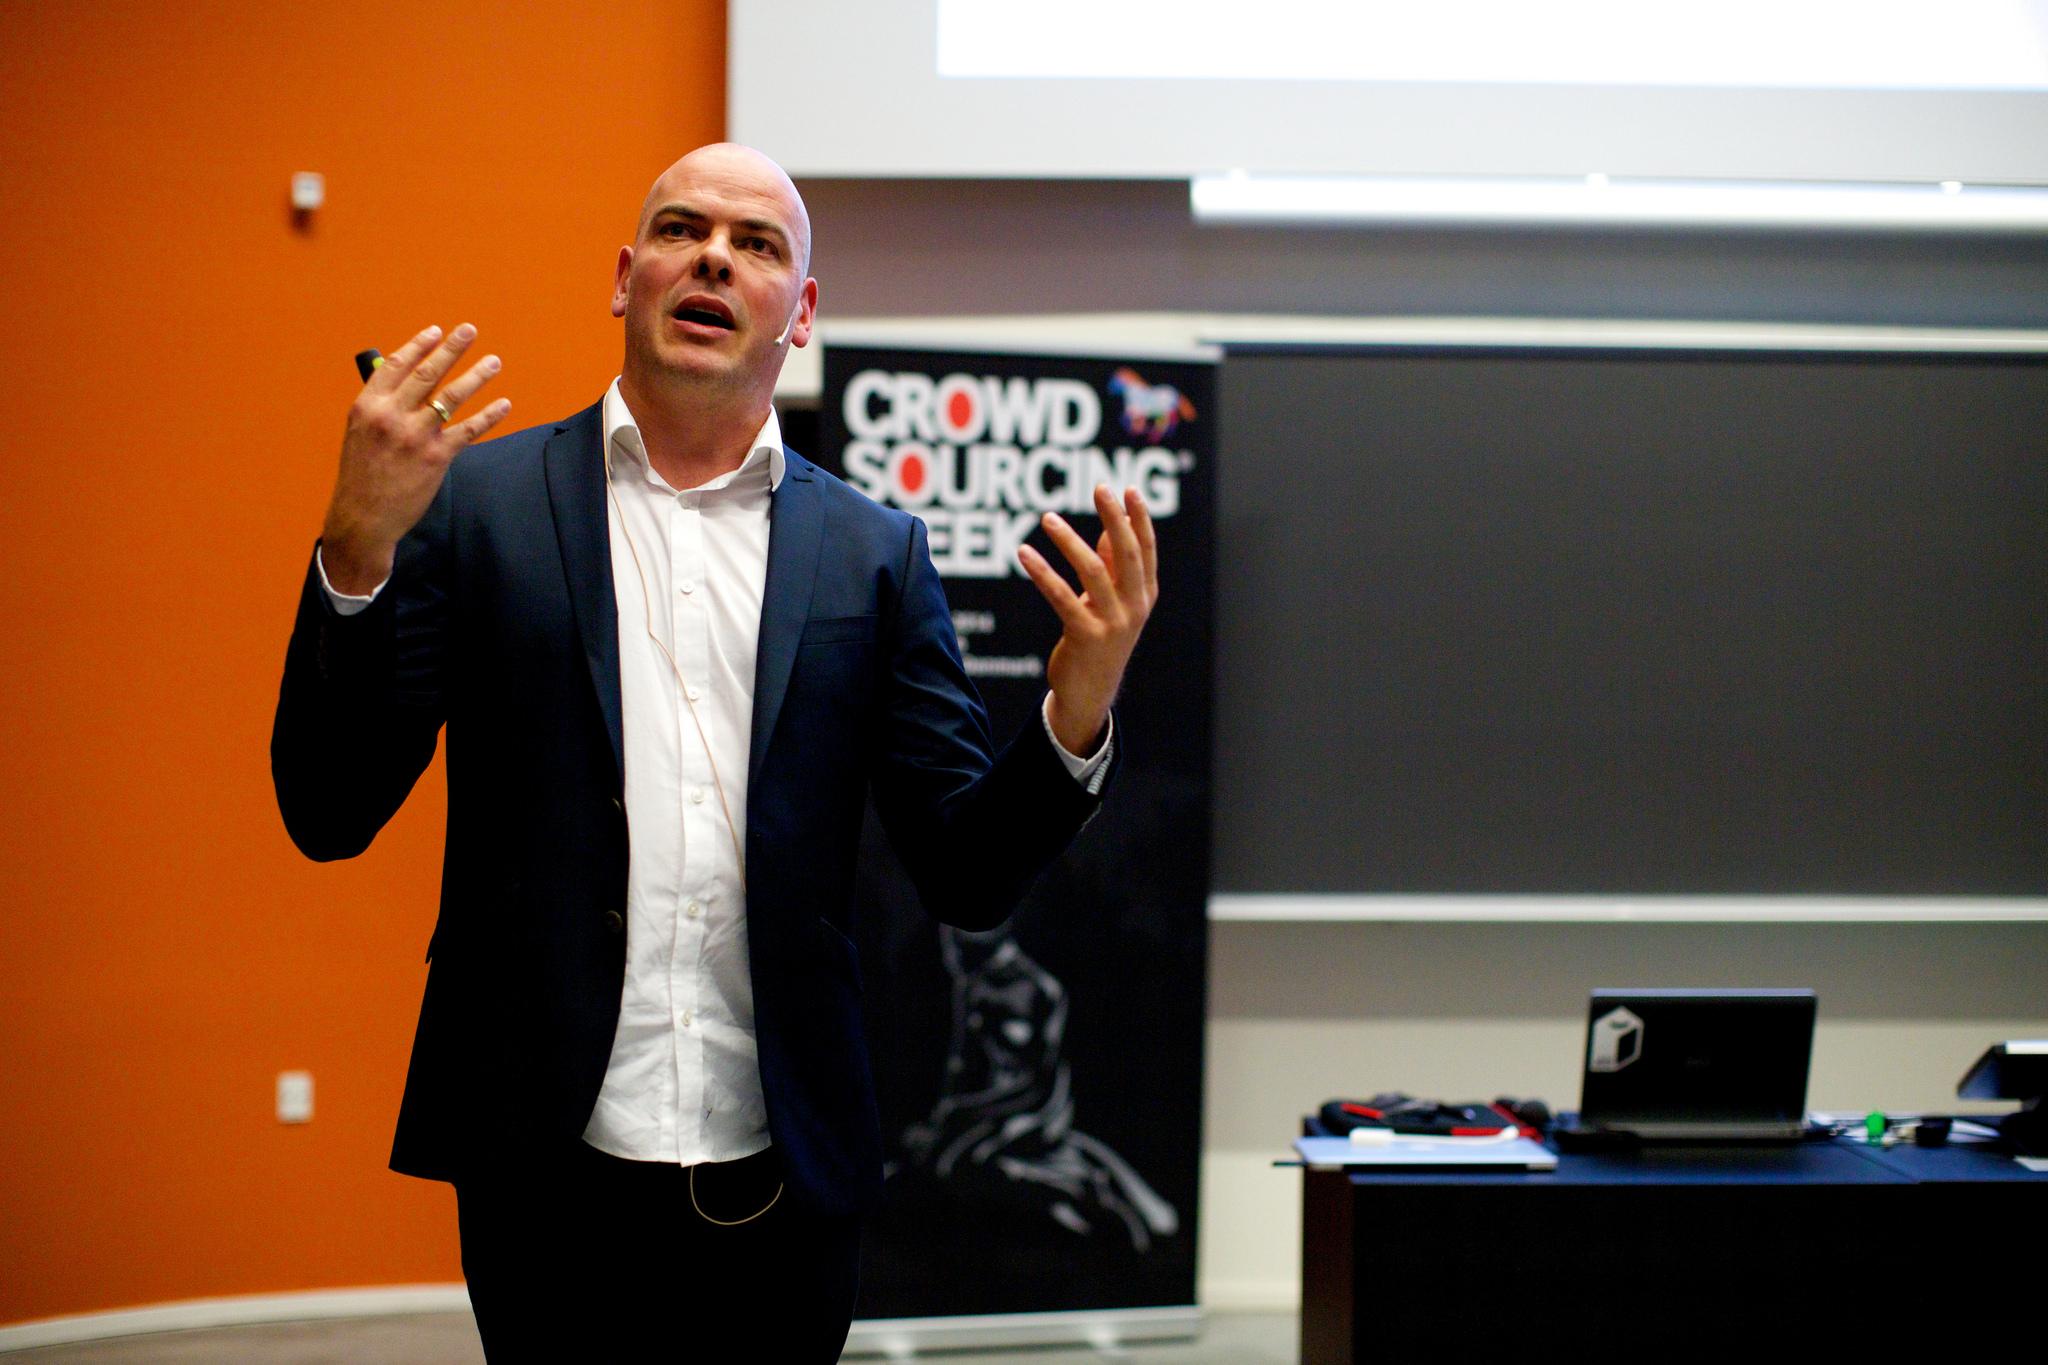 Crowd økonomiens 5 karakteristikker – af Epi Ludvik Nekaj